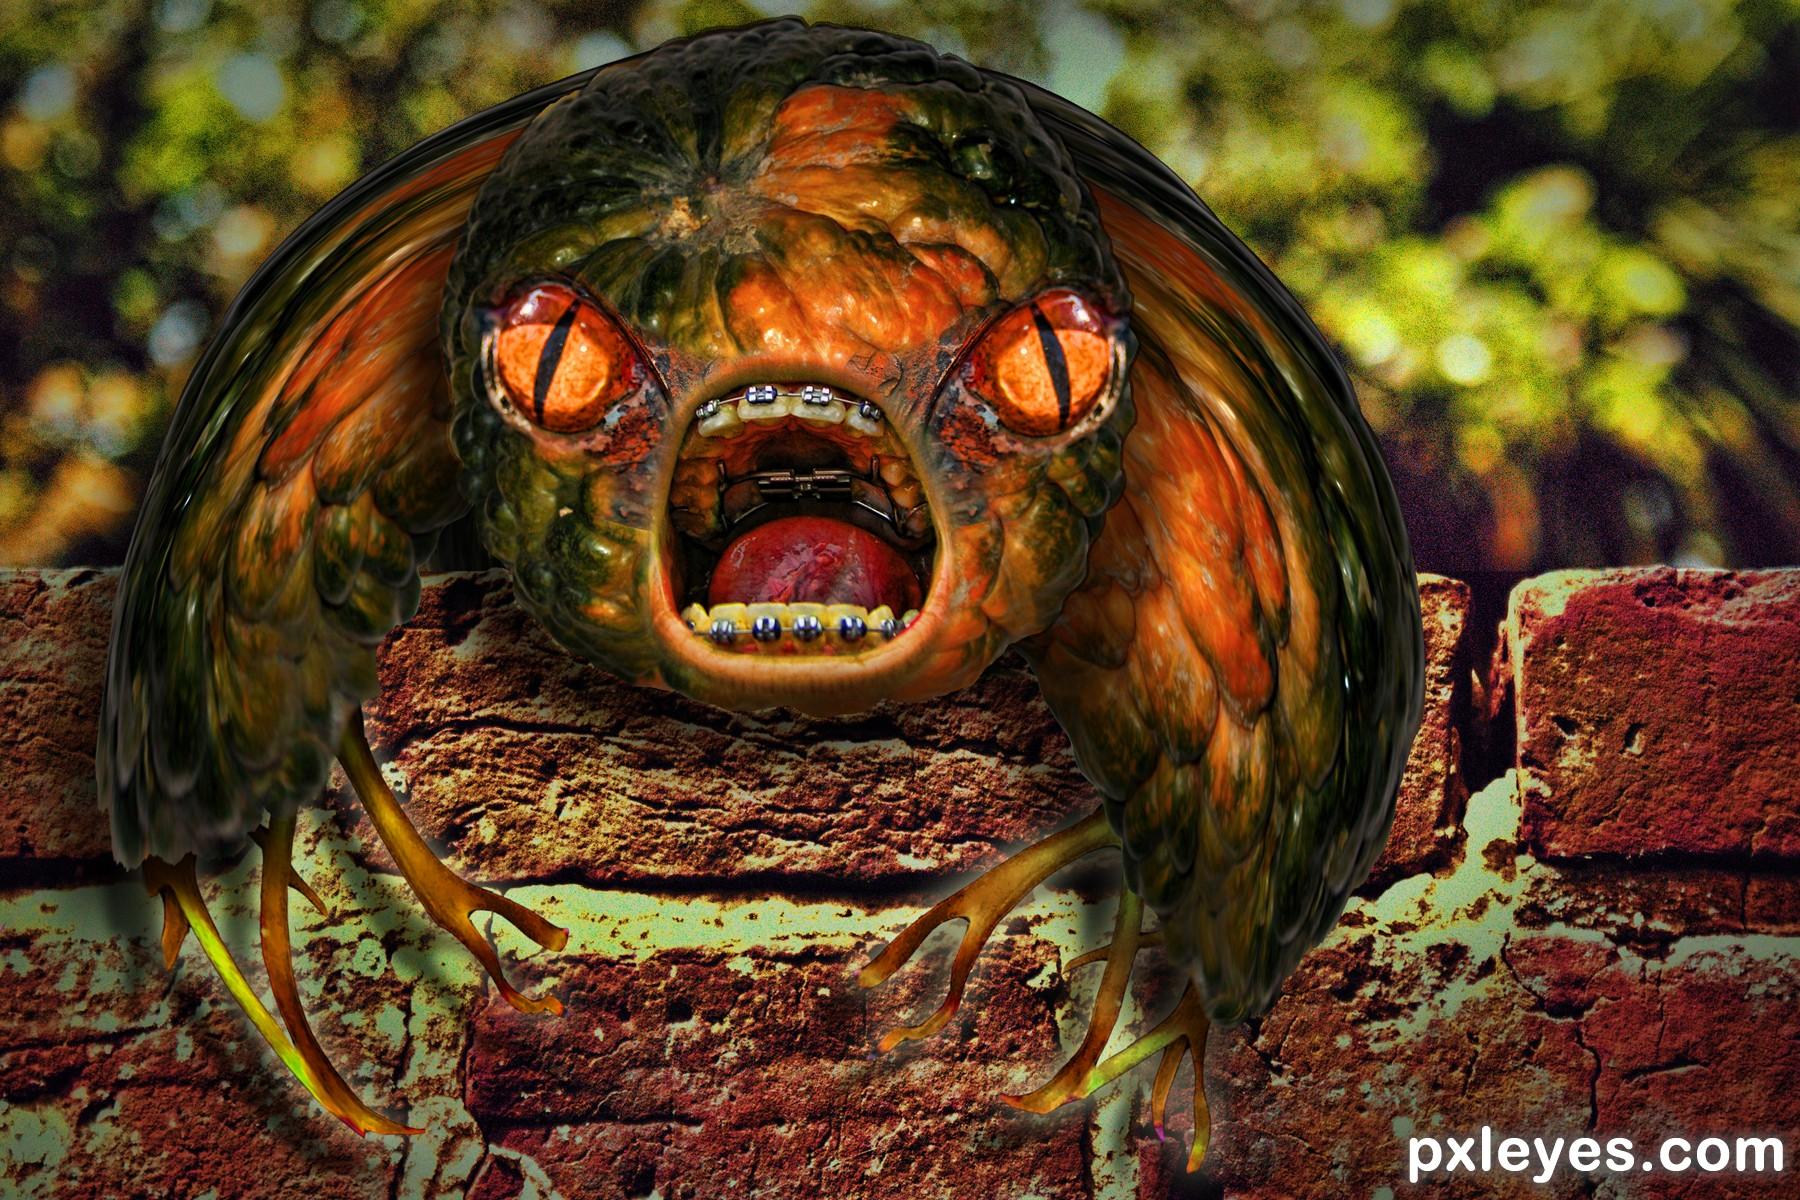 Carnivore Plants 2 Photoshop Contest 21234 Pictures